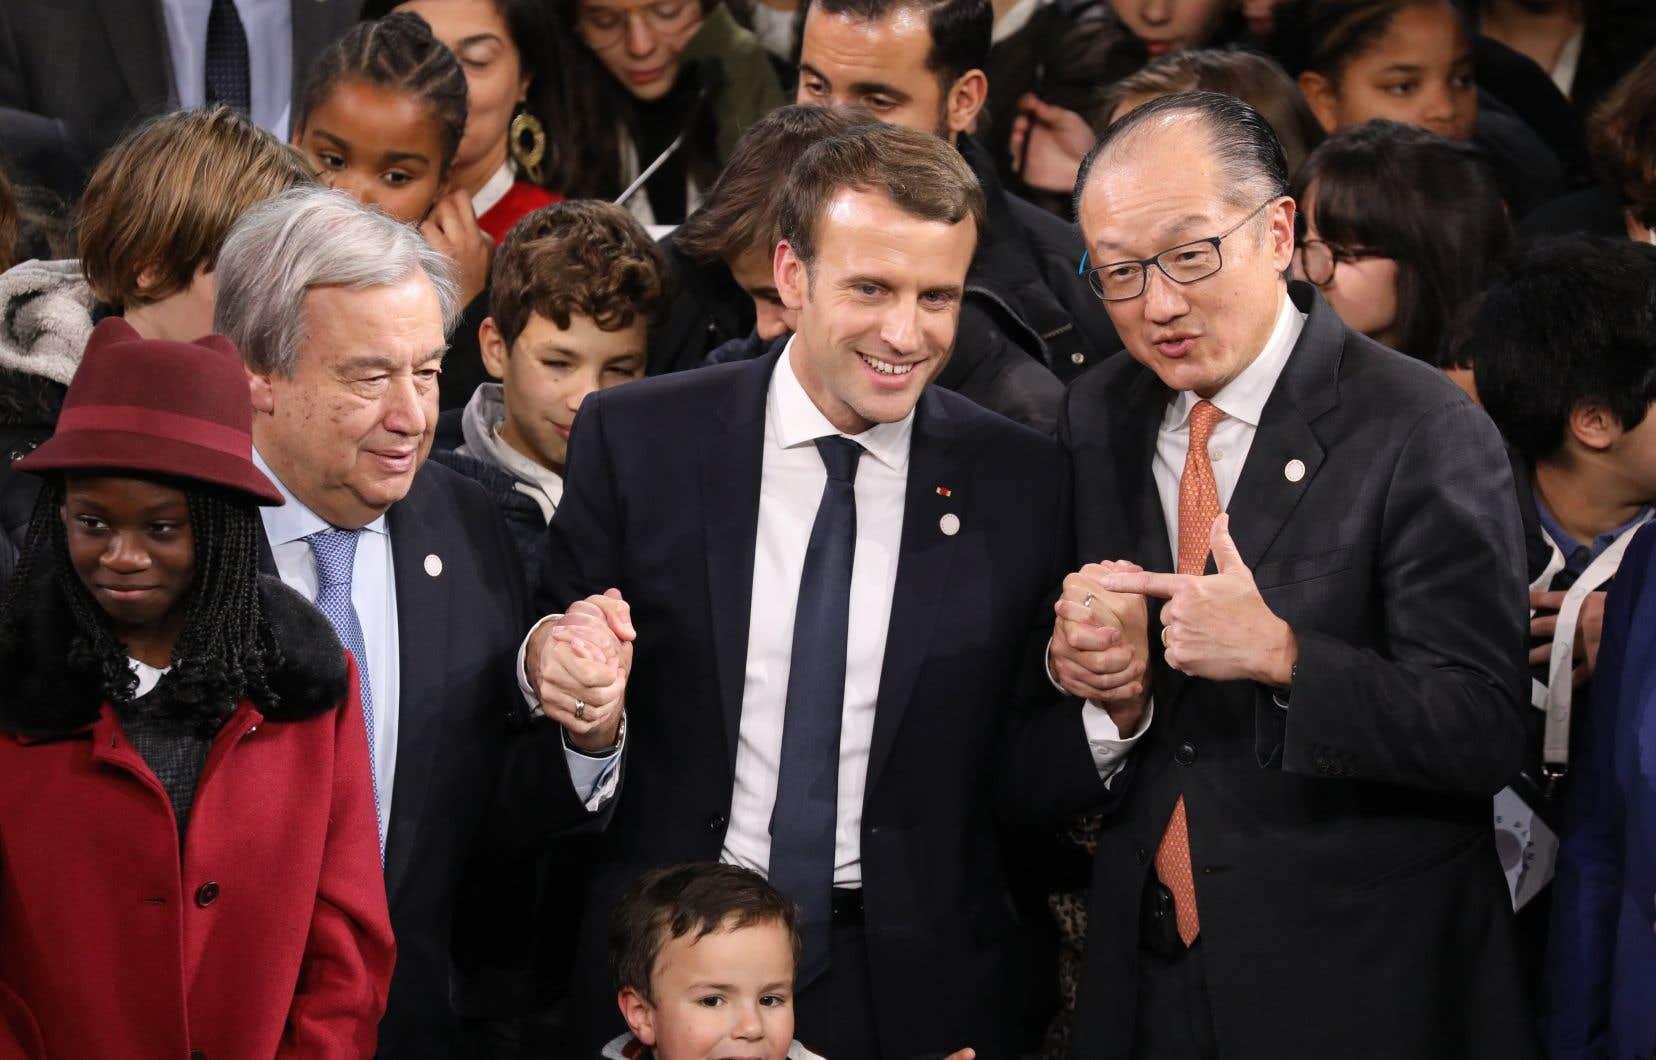 Le secrétaire général des Nations unies, António Guterres, le président français, Emmanuel Macron, et le président de la Banque mondiale, Jim Yong Kim, posent pour les photographes au One Planet Summit organisé à Paris.